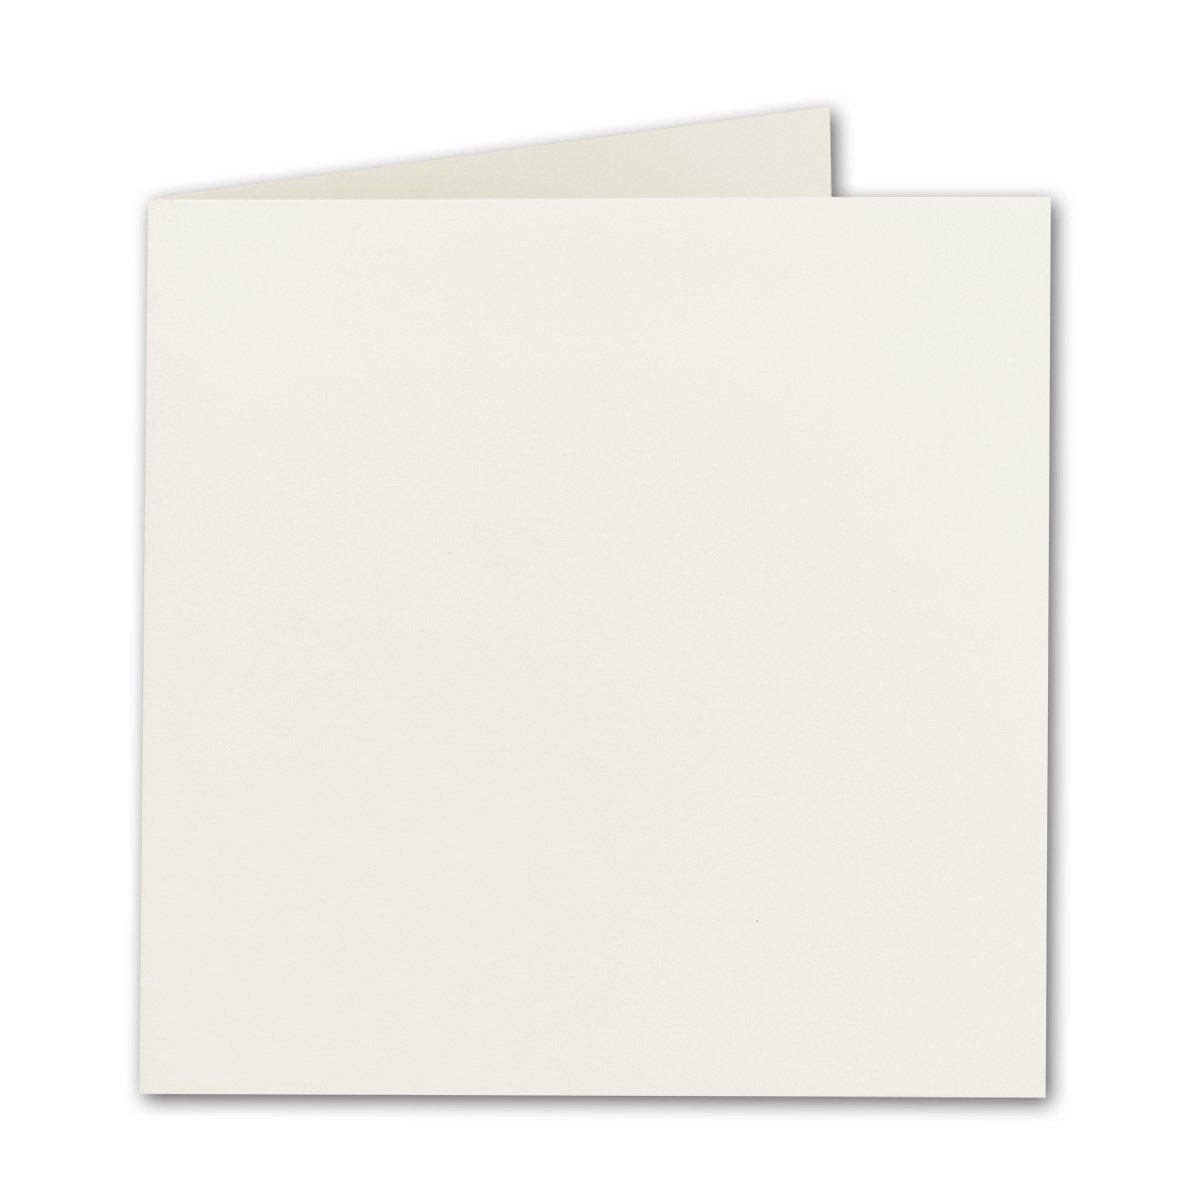 Biglietti pieghevoli quadrato–Naturale/Bianco Qualità Premium–15x 15cm–molto stabile–per stampanti.–qualità marca: Neuser colori vivaci 25 D